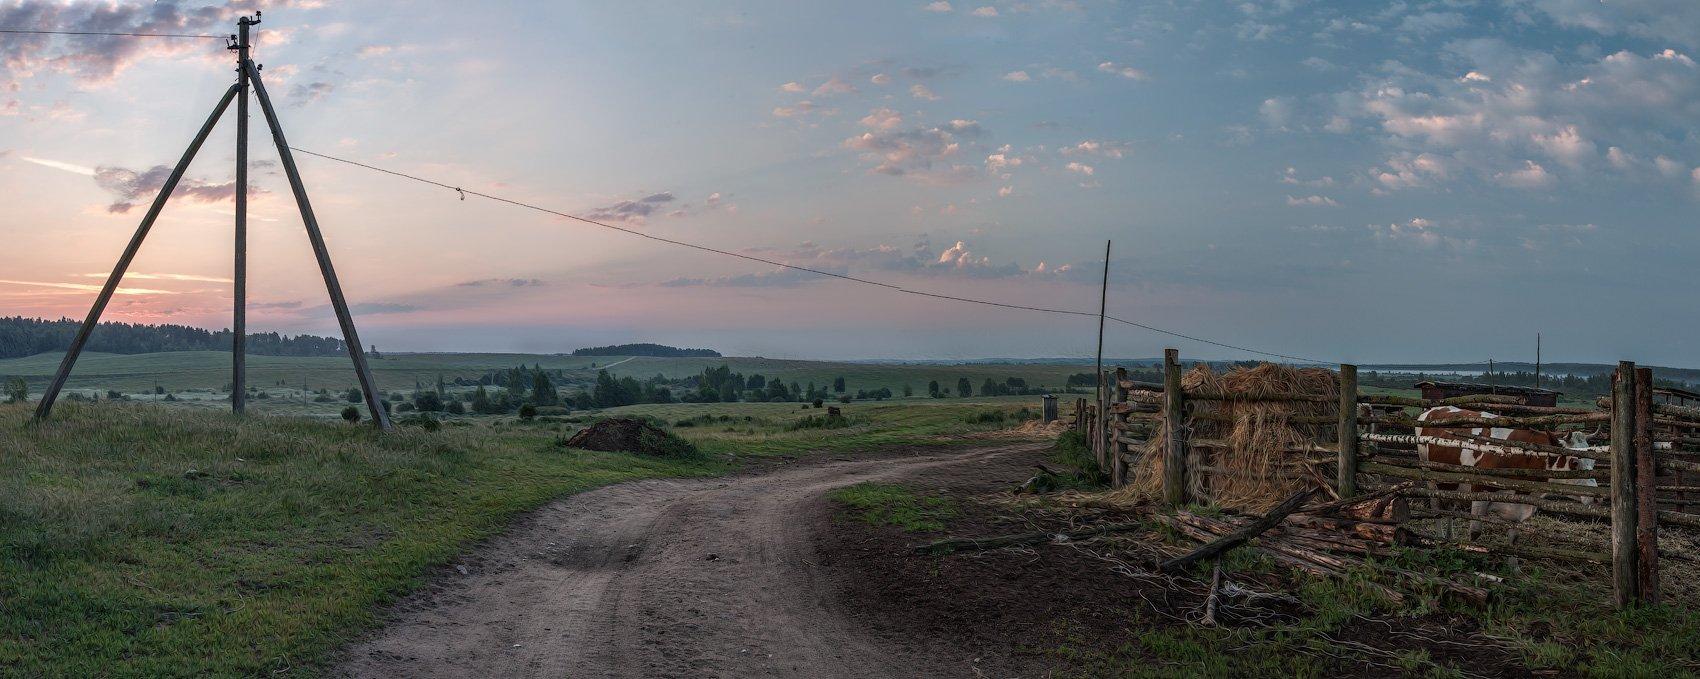 Пушкарёво Смоленская область Лето, Андрей Леонидович